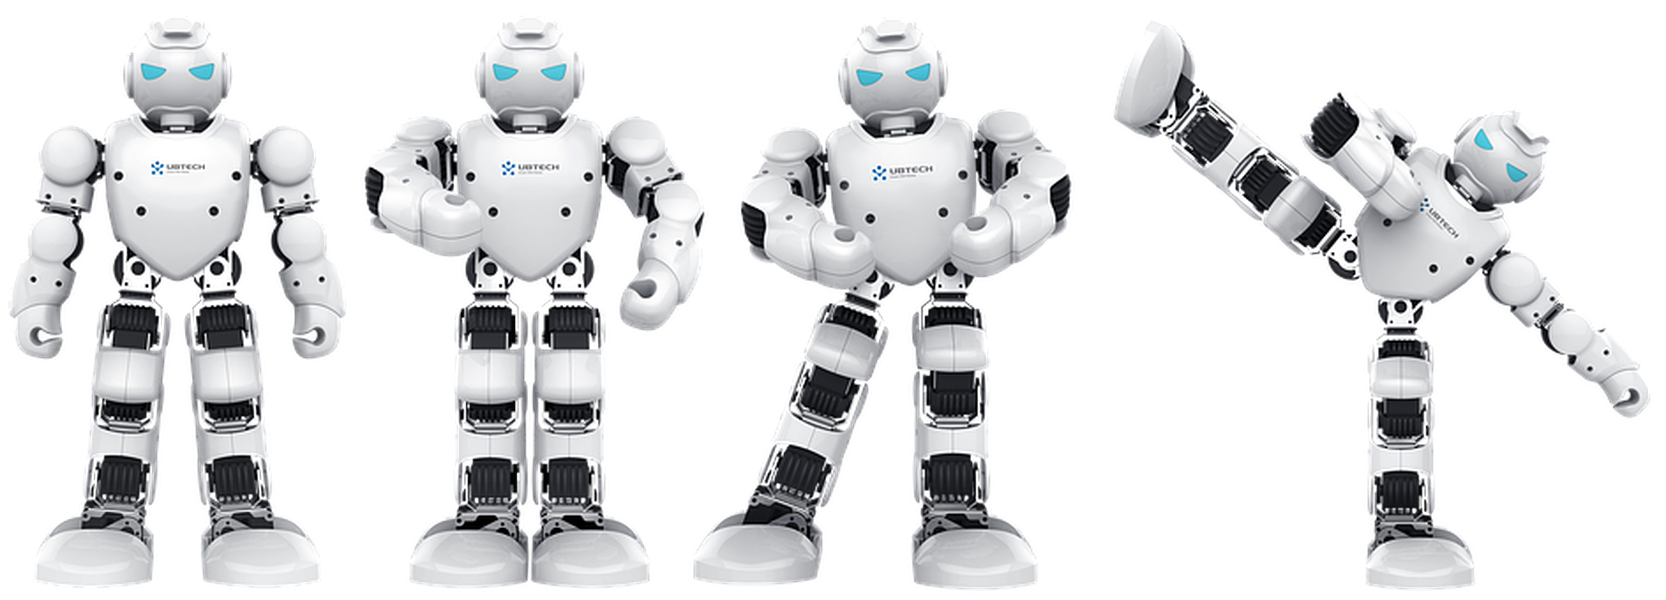 Robotit ovat toivottuja leluja lasten keskuudessa.